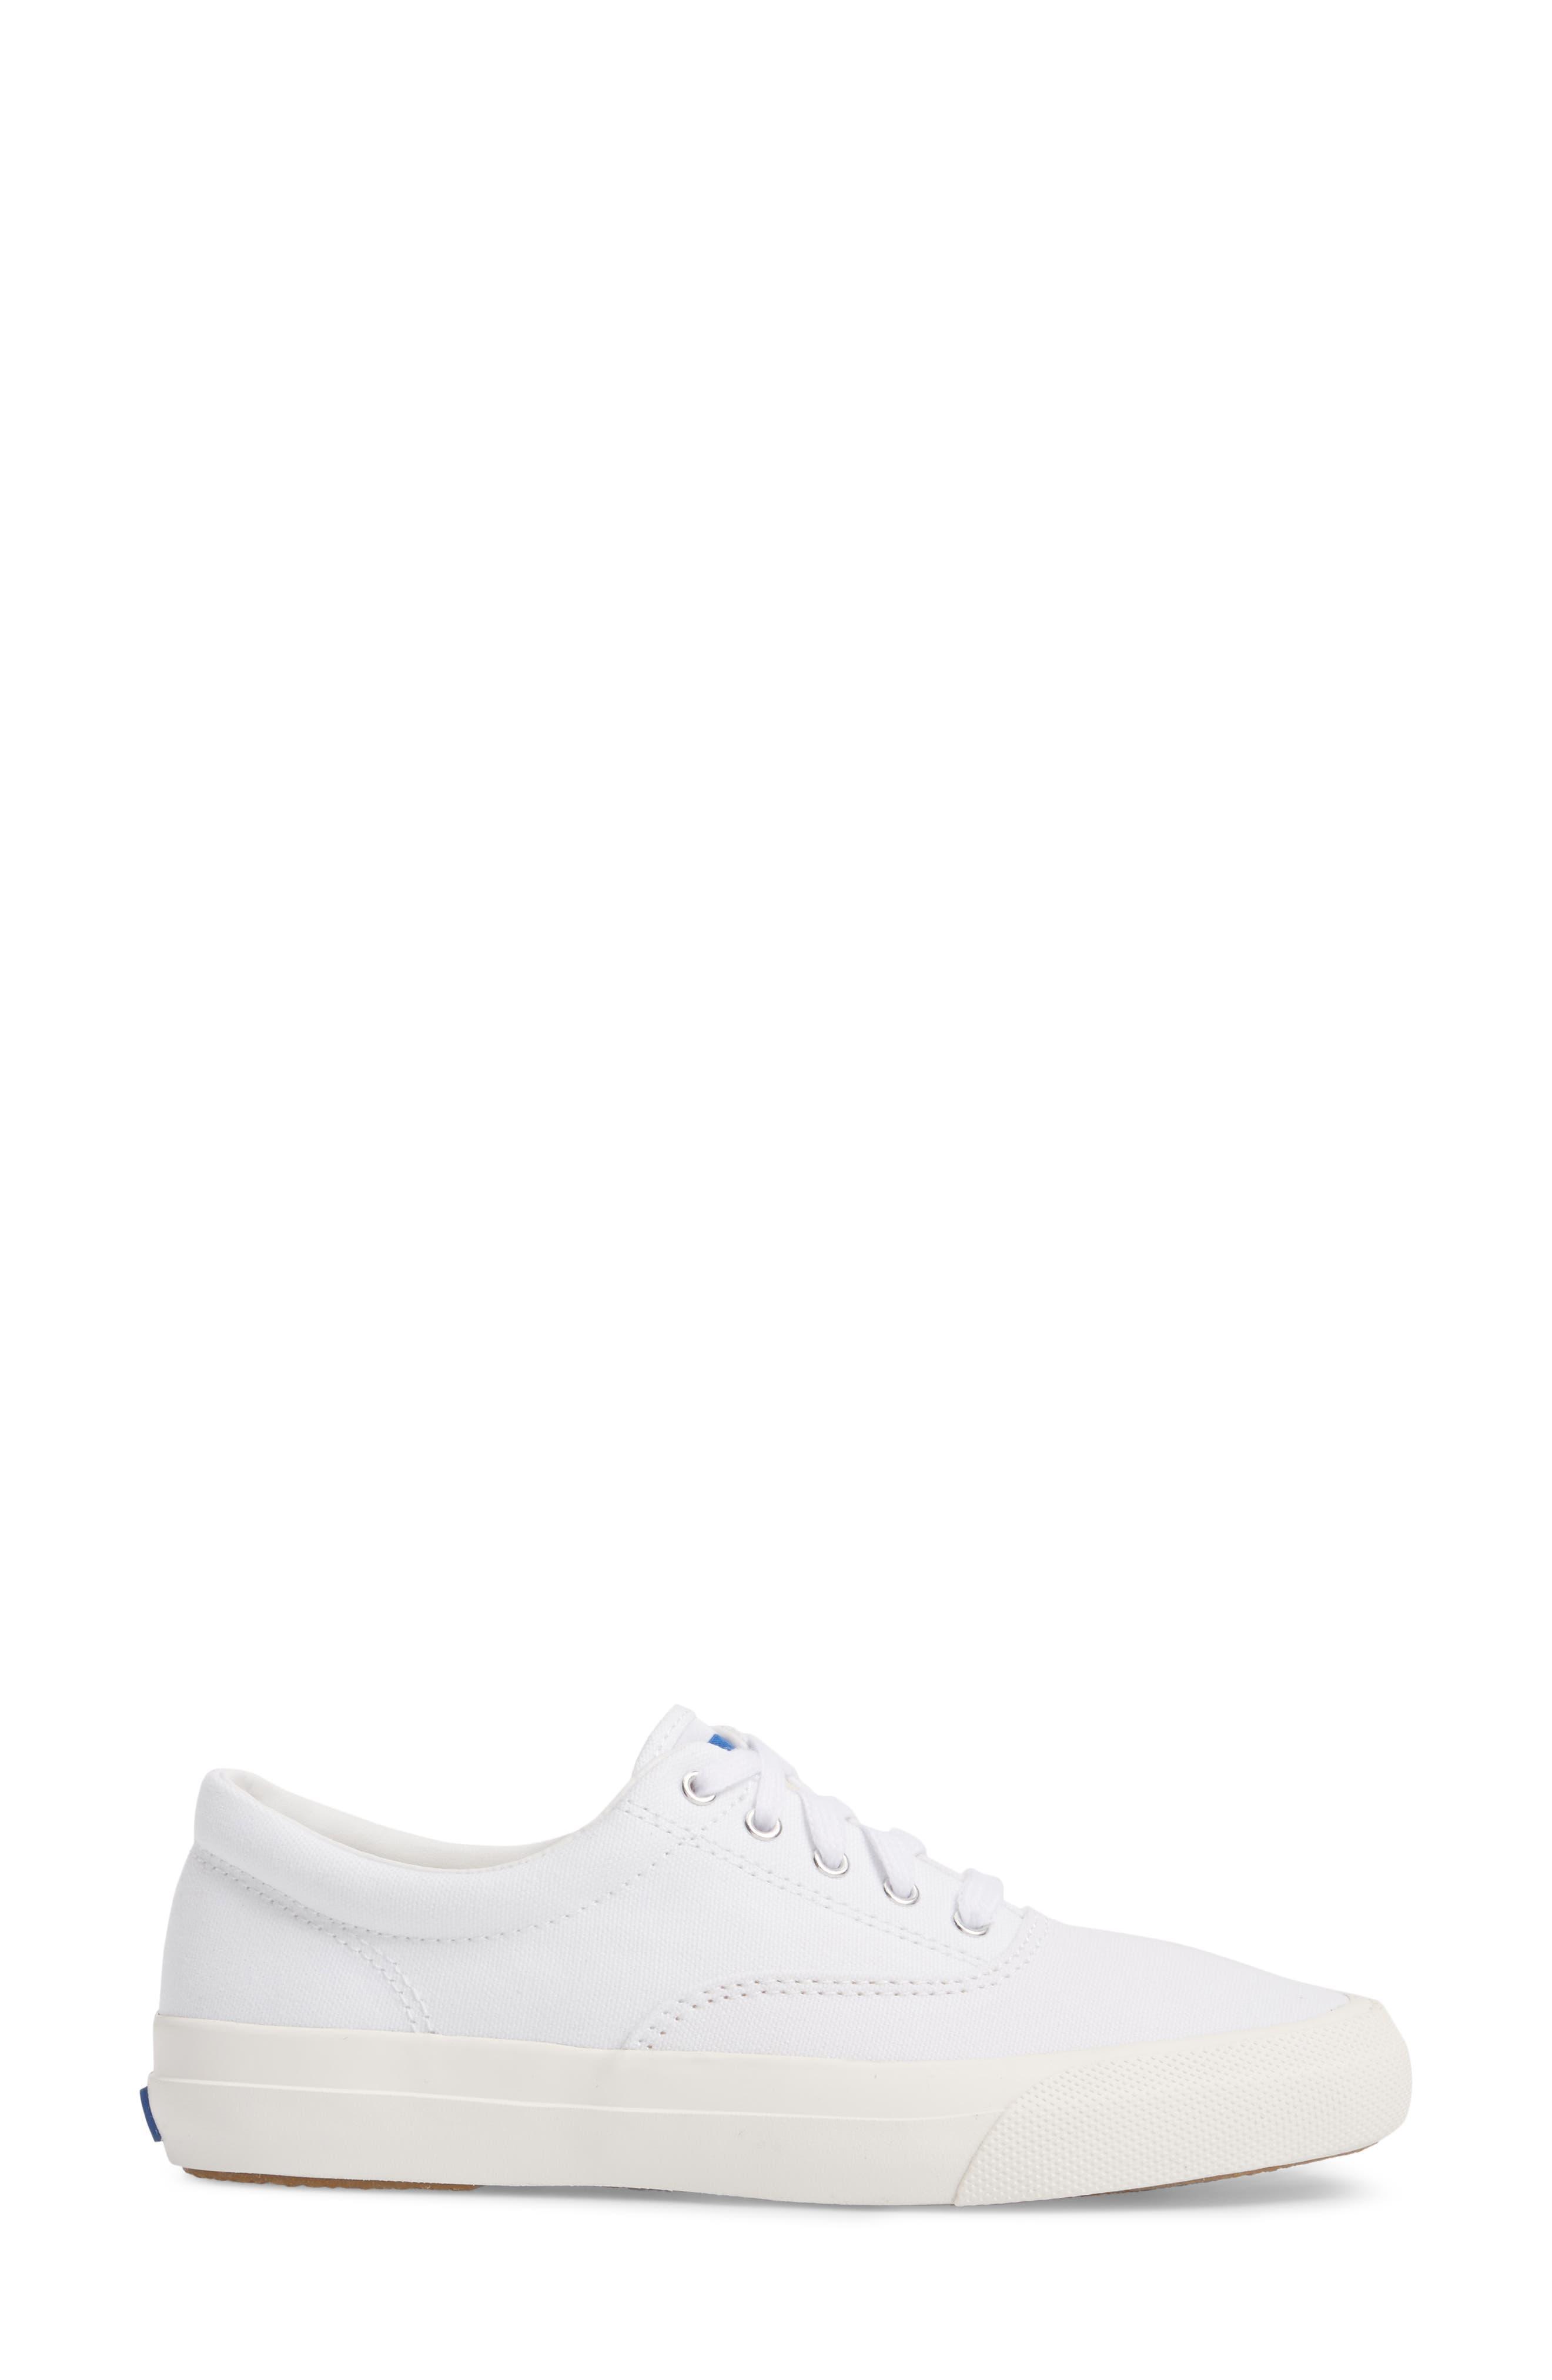 Anchor Sneaker,                             Alternate thumbnail 3, color,                             White